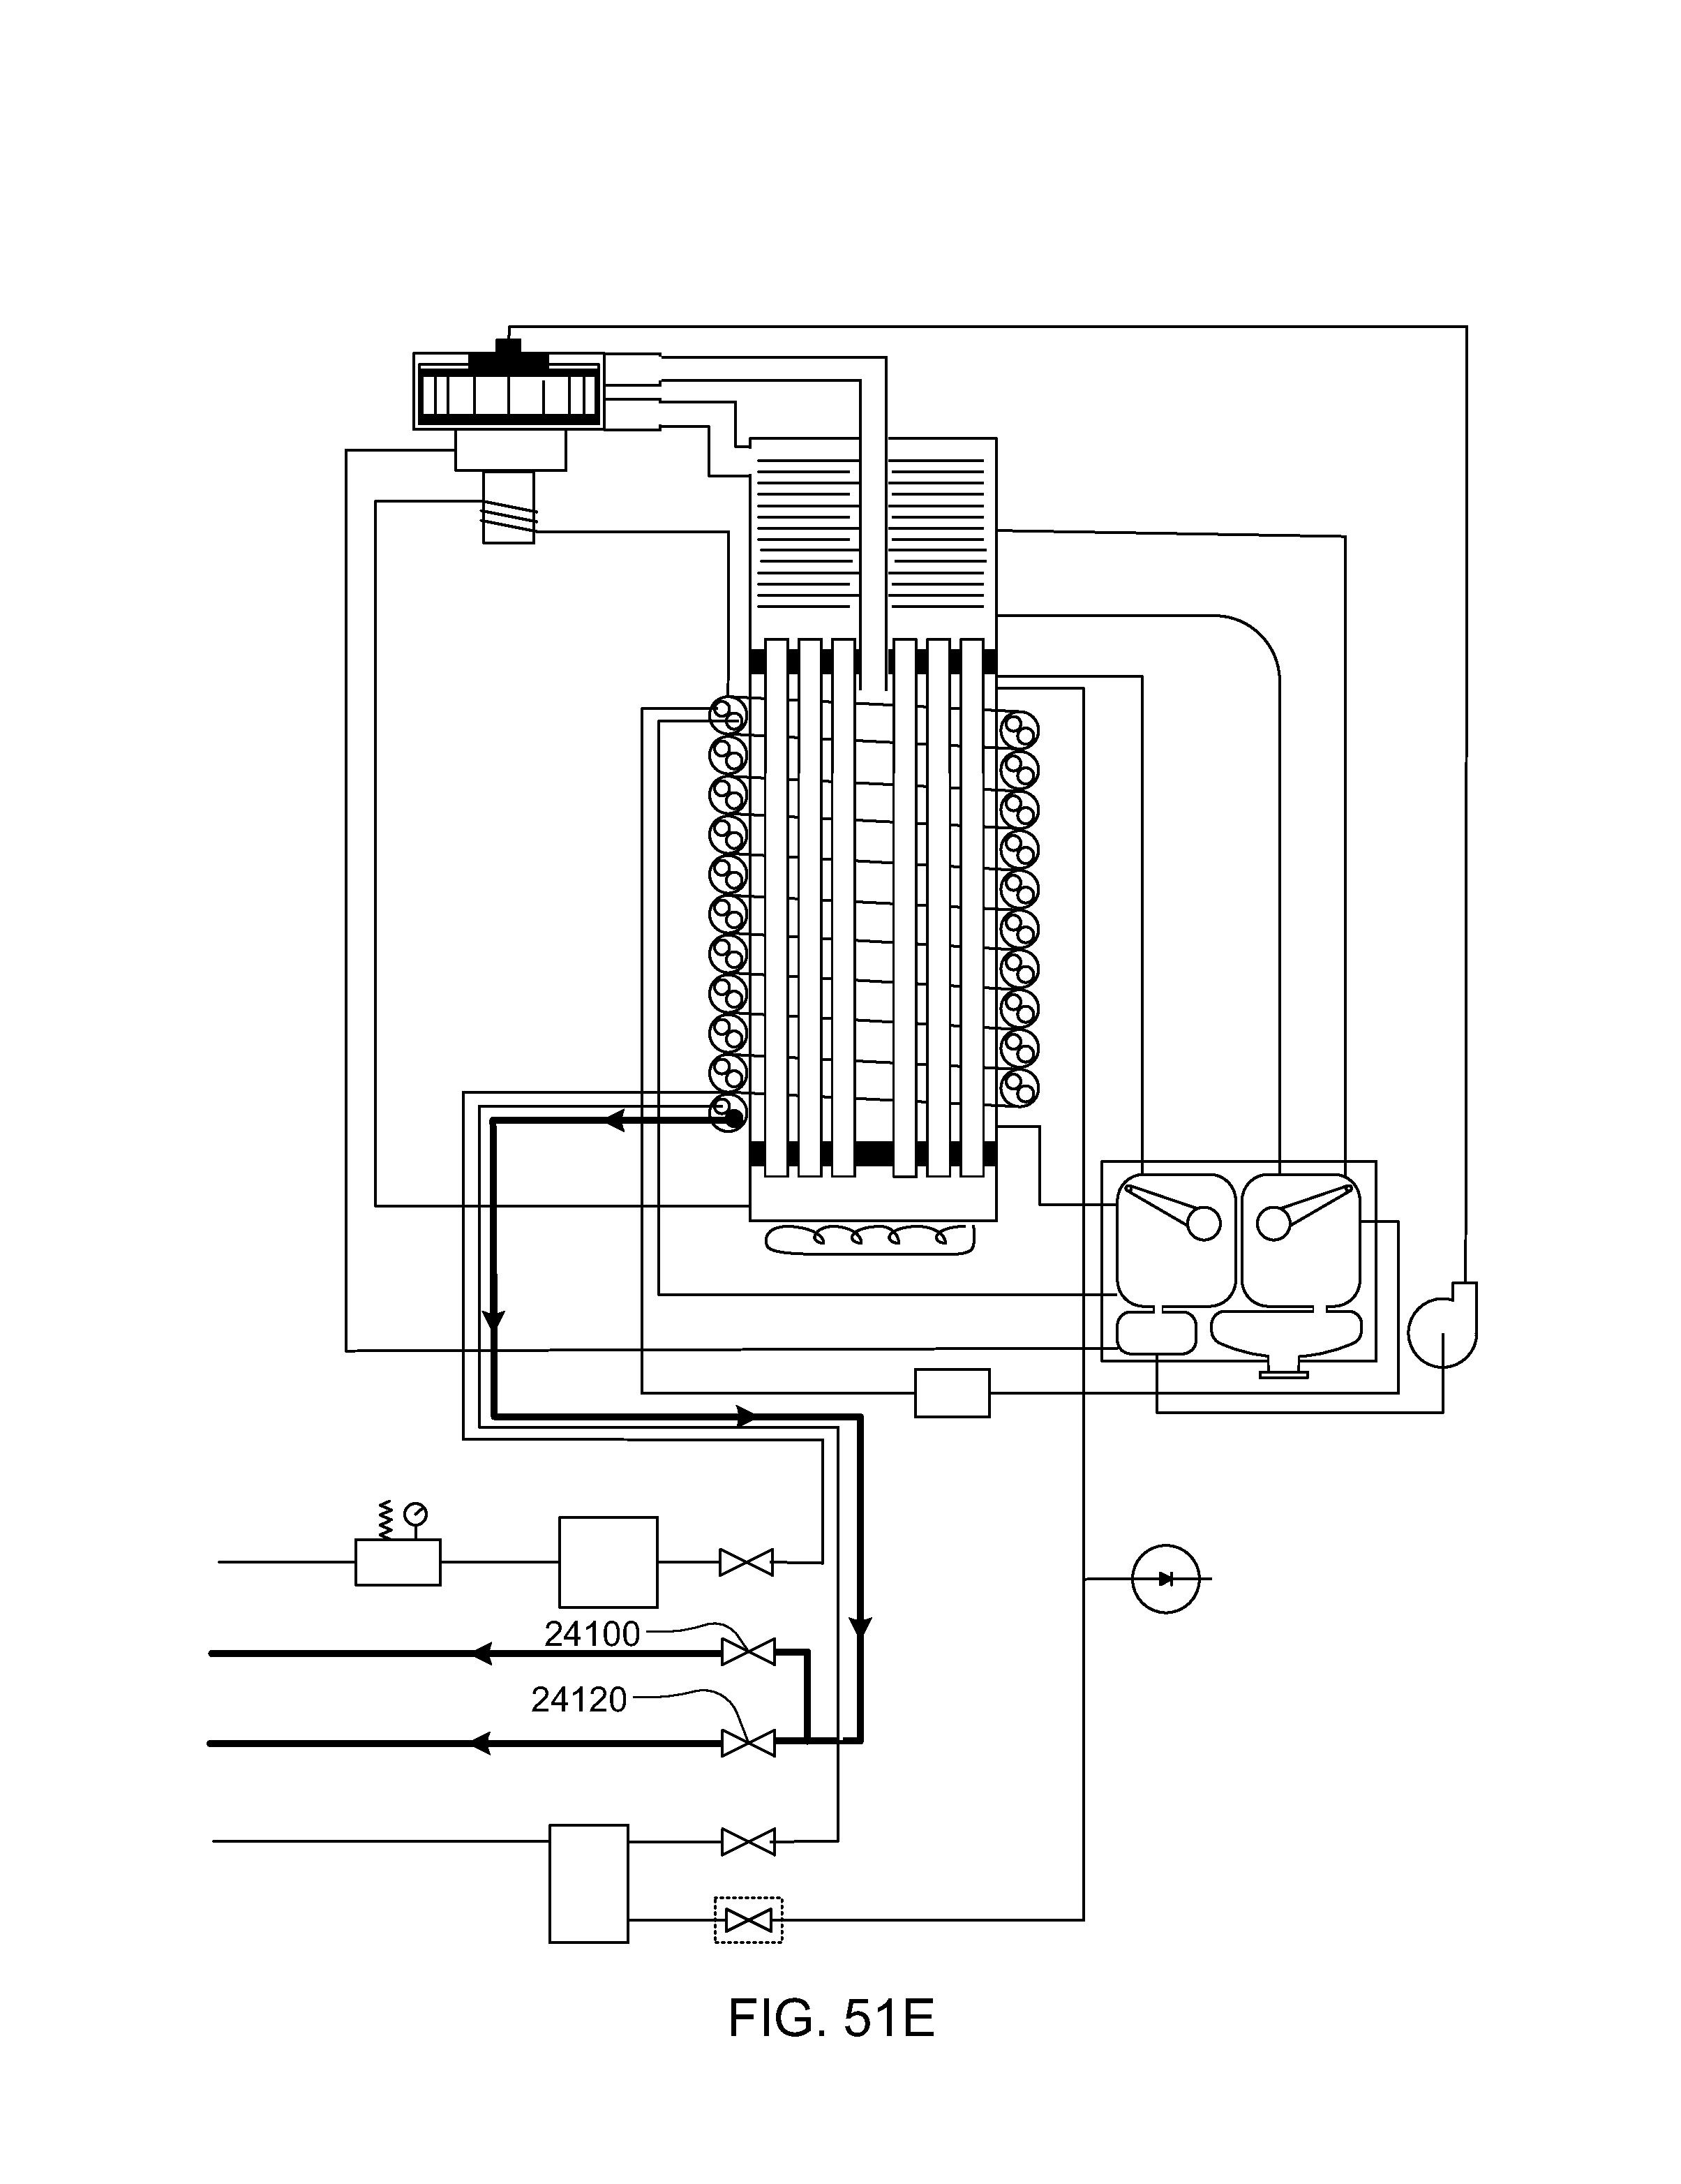 Pont De Lit 140 patent us 8,359,877 b2